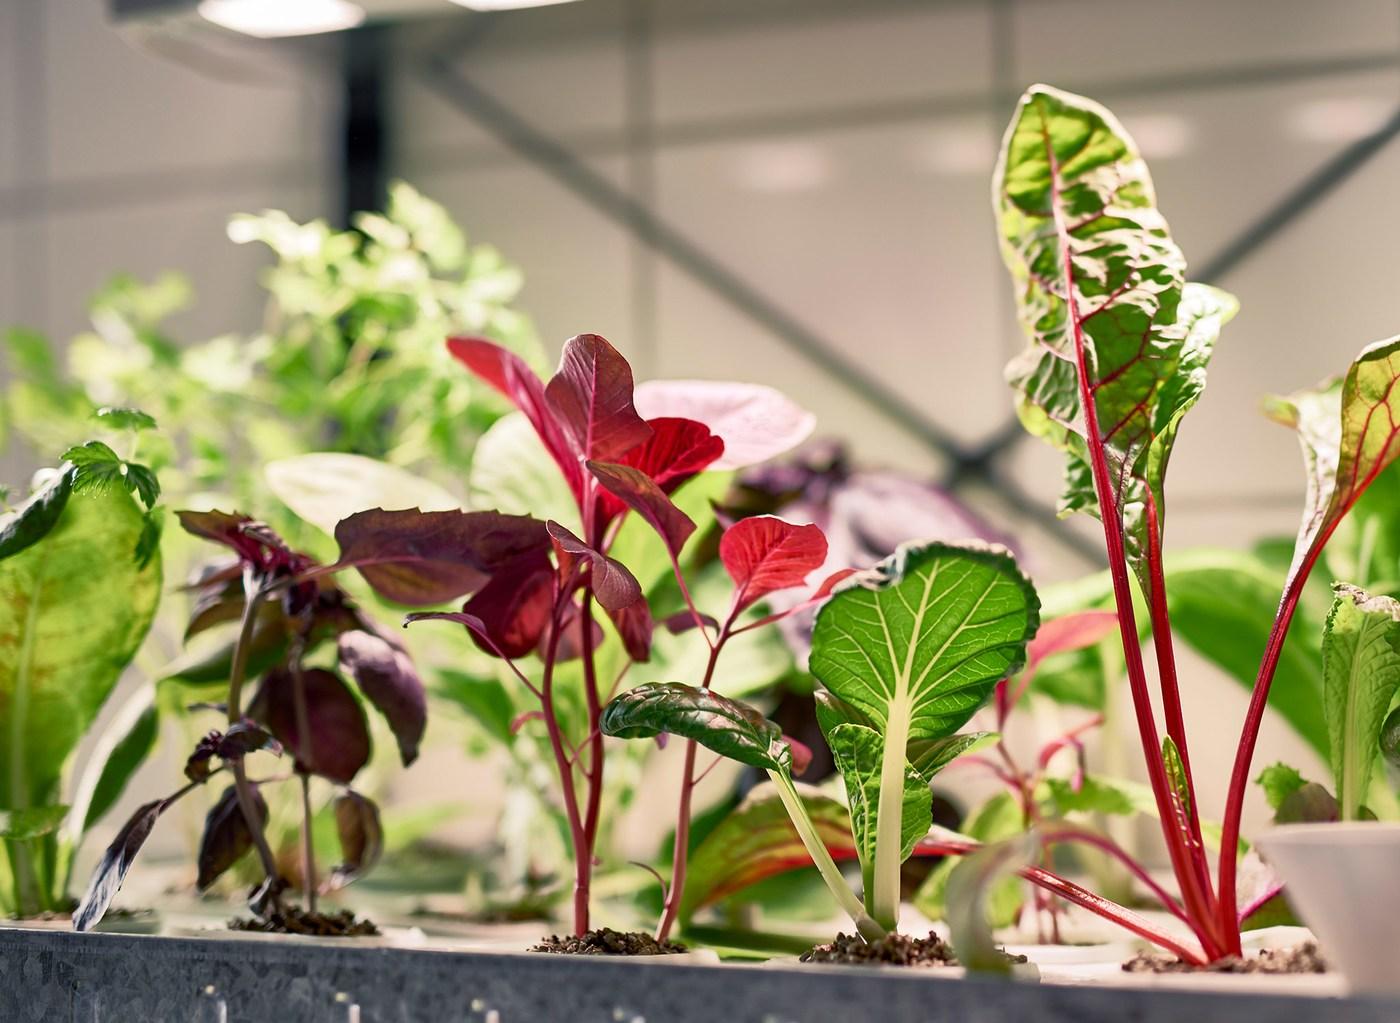 Erbe aromatiche e lattuga in un sistema di coltivazione idroponica - IKEA